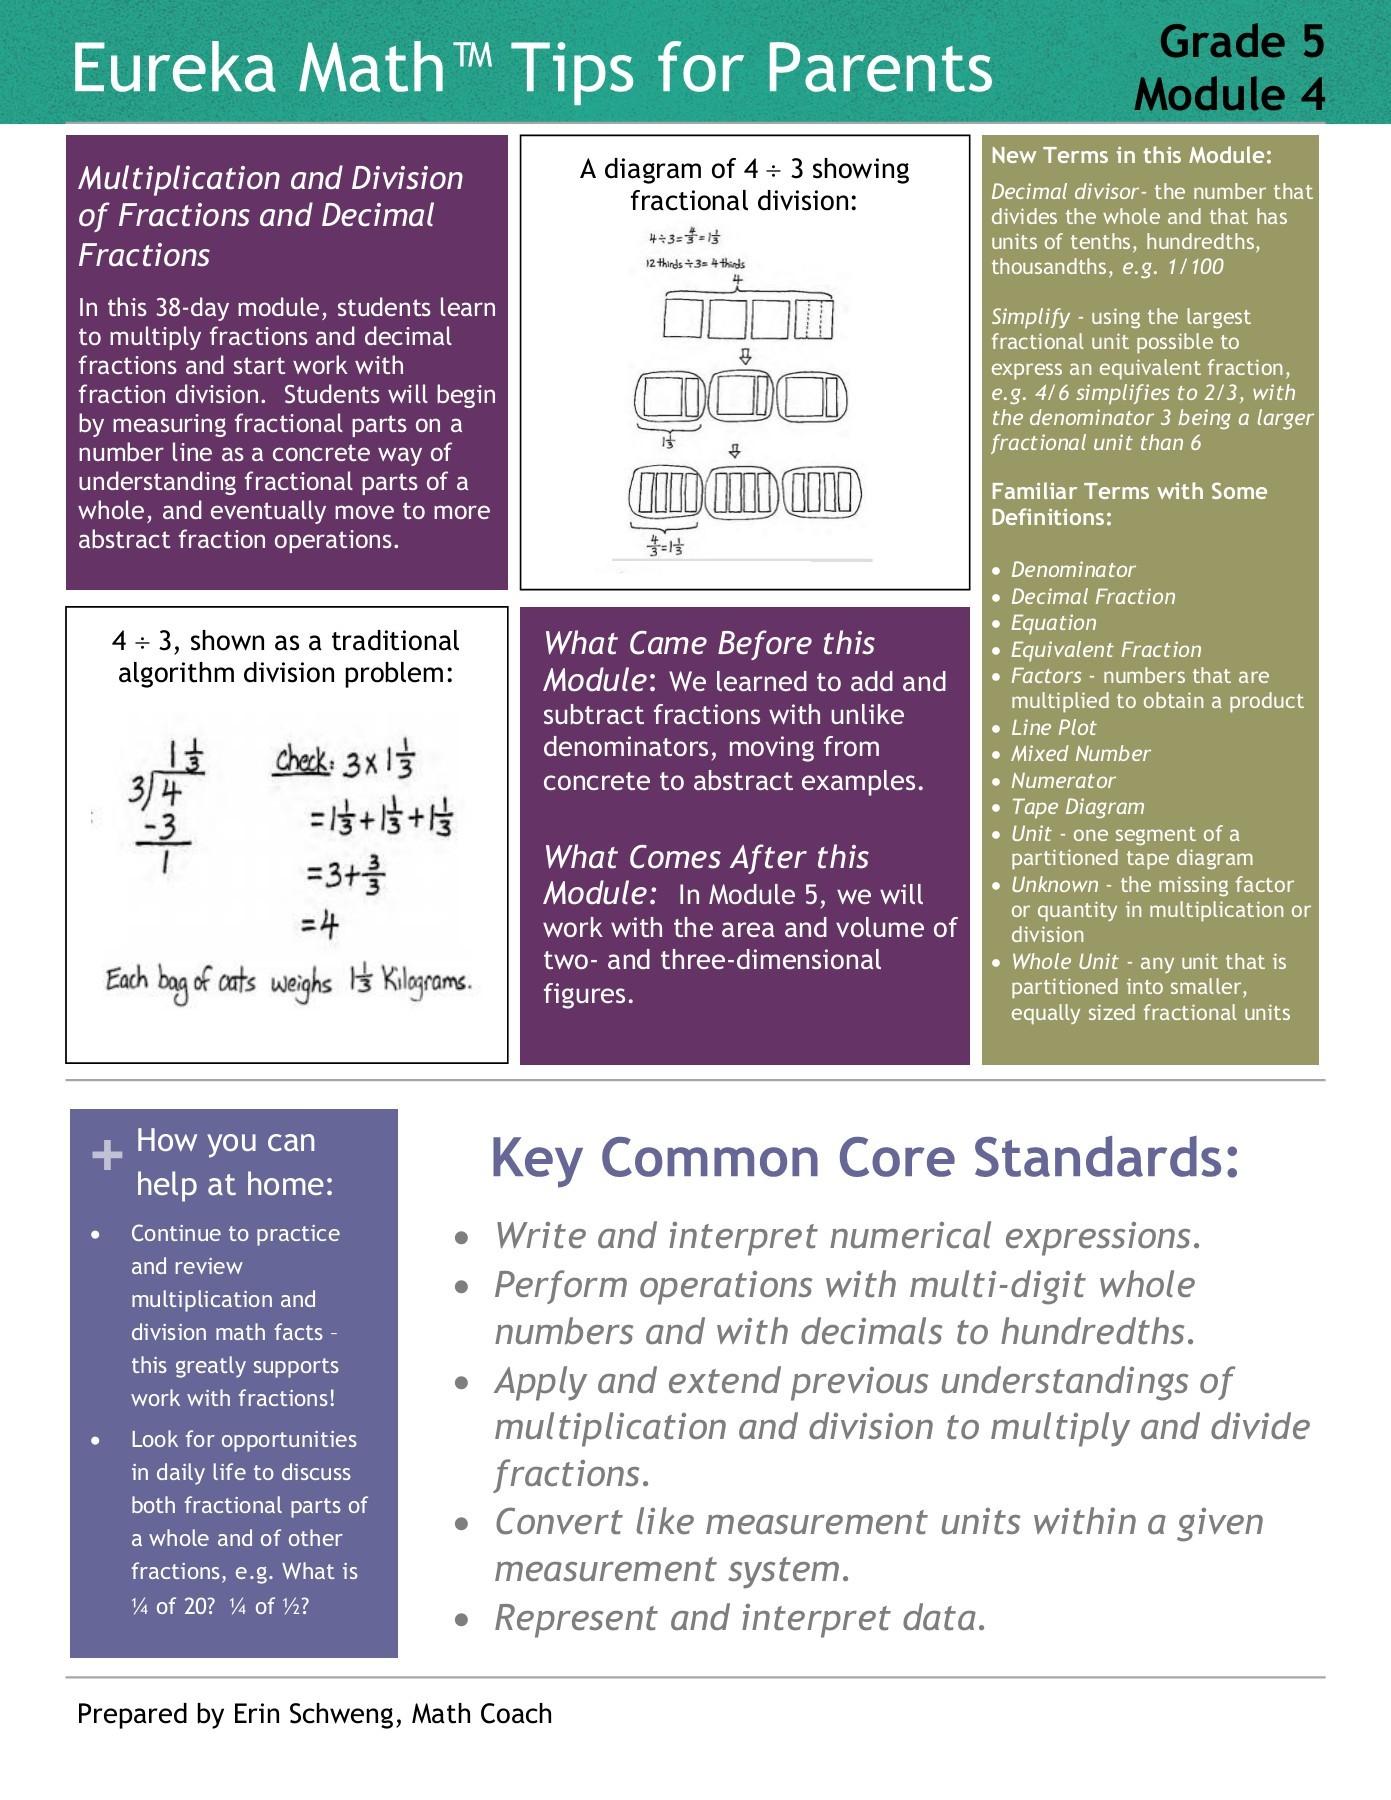 hight resolution of eureka math grade 5 module 4 parent tip sheet